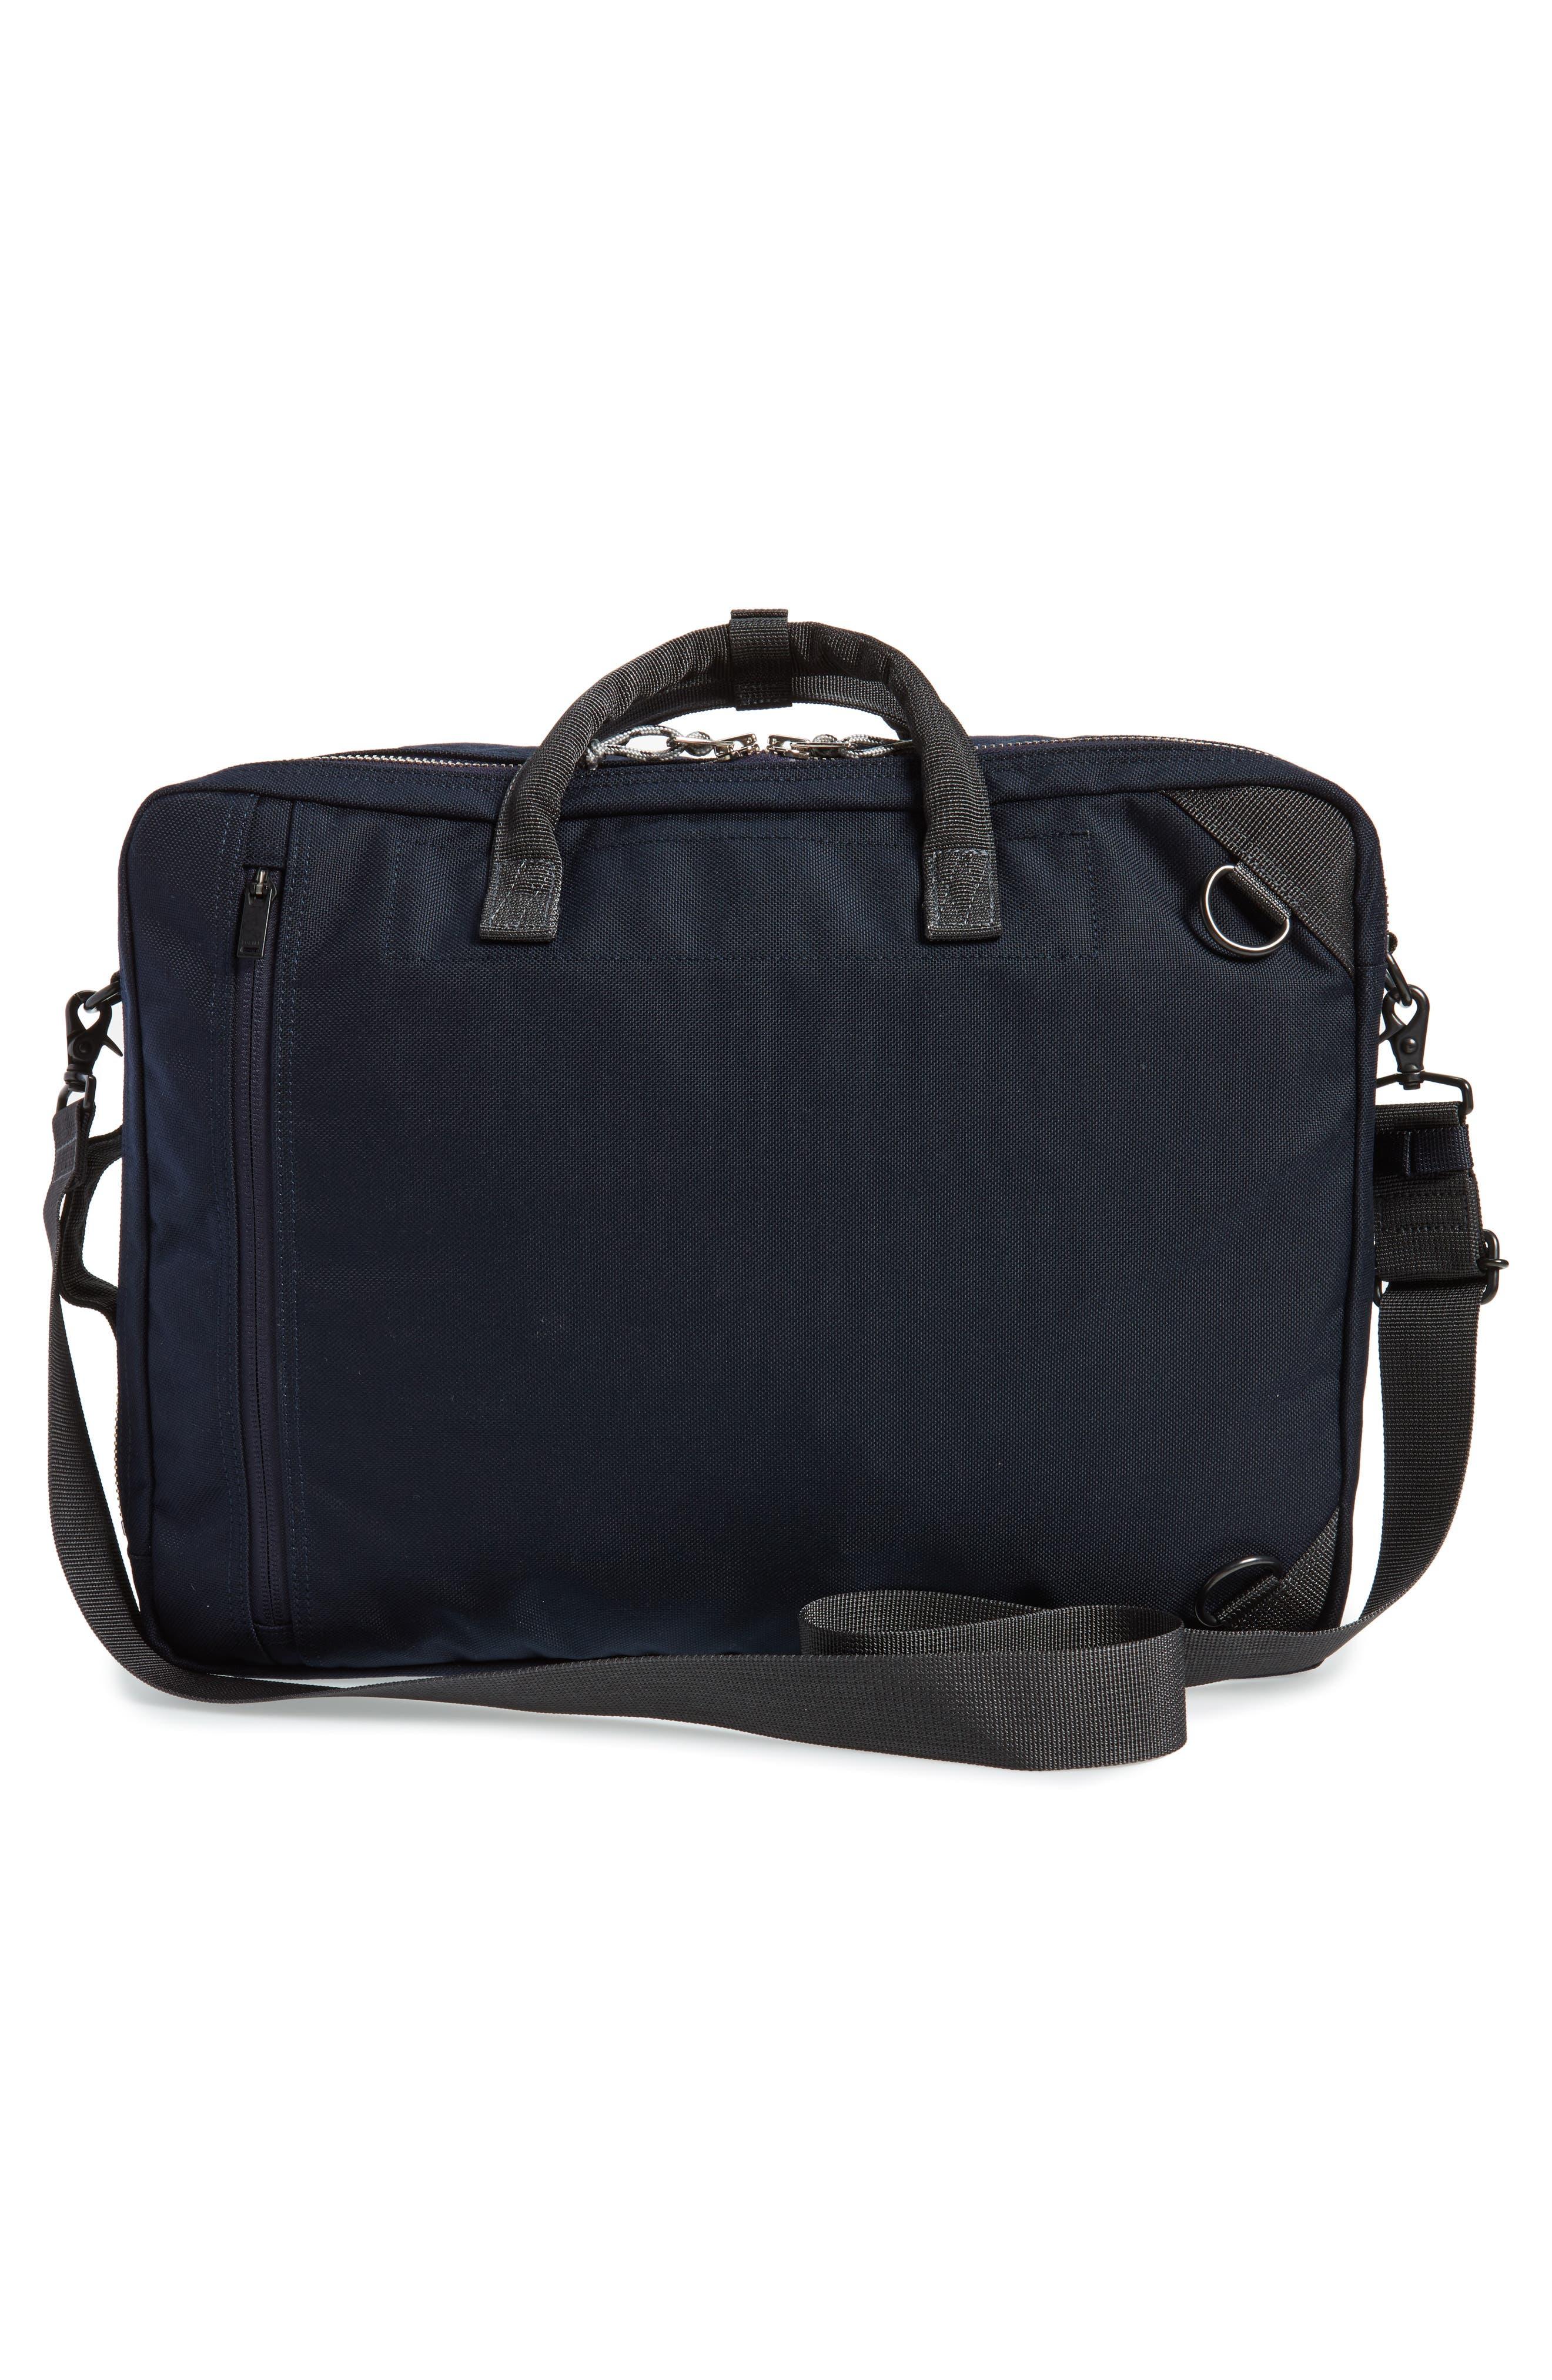 Porter-Yoshida & Co. Hype Convertible Briefcase,                             Alternate thumbnail 4, color,